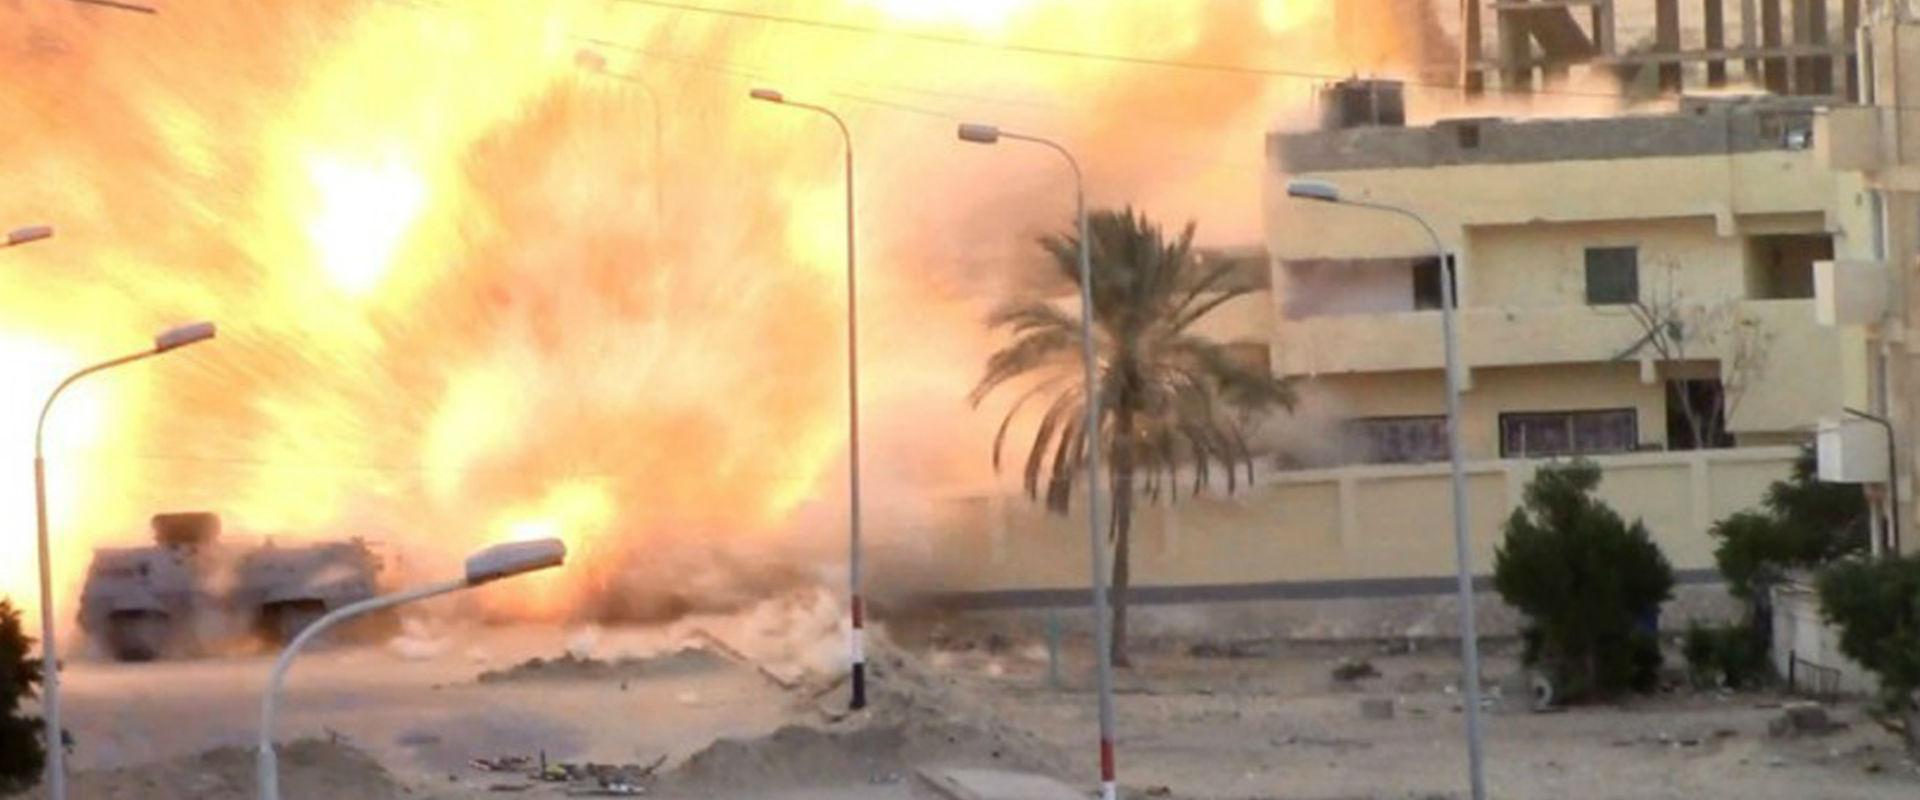 פיצוץ בעמדת המשטרה המצרית באל-עריש, ינואר 2017